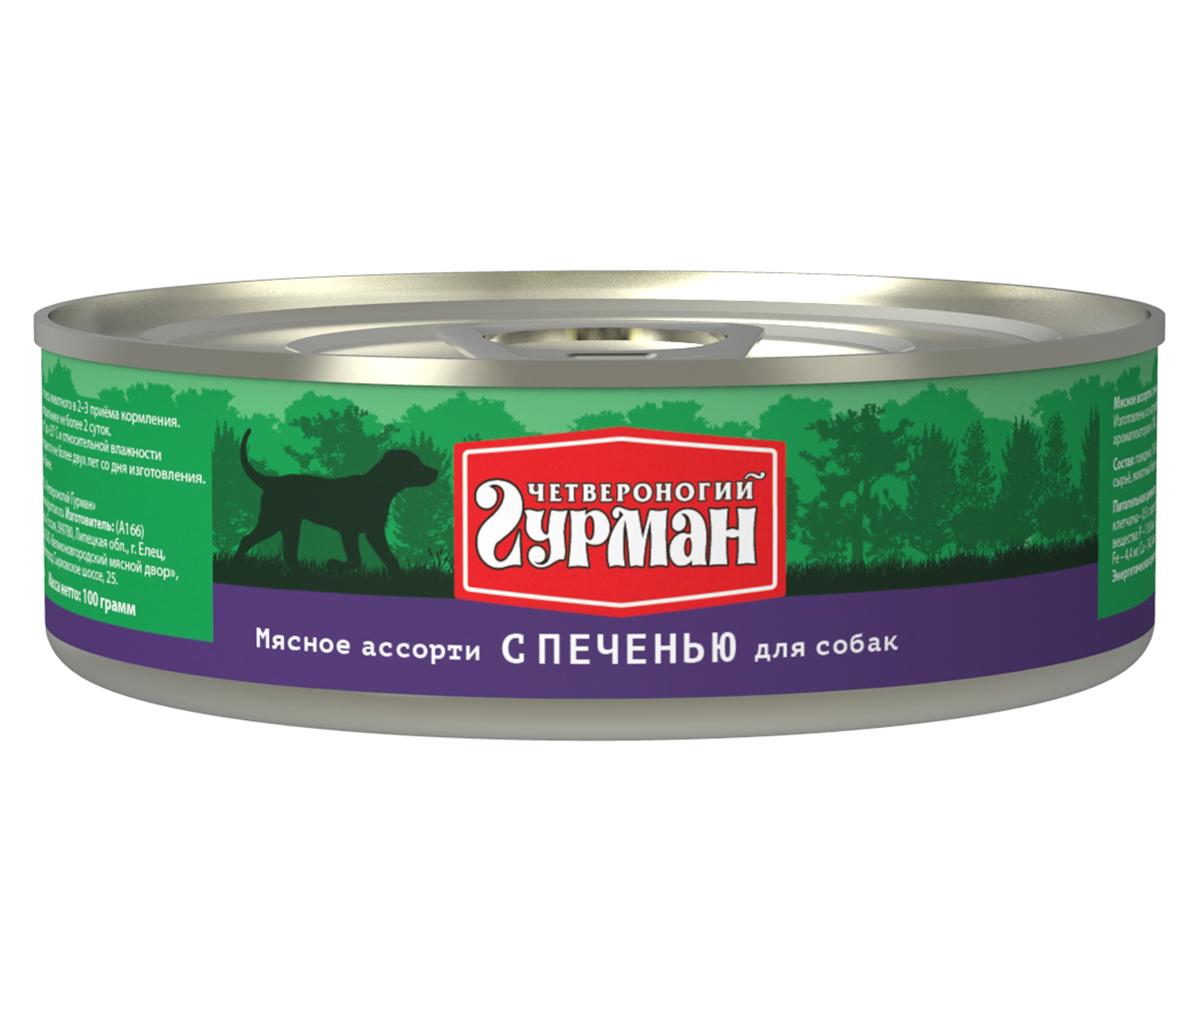 Консервы для собак Четвероногий гурман Мясное ассорти, с печенью, 100 г. 1031010070120710Консервы для собак Четвероногий гурман Мясное ассорти - это влажный мясной корм суперпремиум класса, состоящий из разных сортов мяса и качественных субпродуктов. Корм не содержит синтетических витаминно-минеральных комплексов, злаков, бобовых и овощей. Никаких искусственных компонентов в составе: только натуральное, экологически чистое мясо от проверенных поставщиков. По консистенции продукт представляет собой кусочки из фарша размером 3-15 мм. В состав входит коллаген. Его компоненты (хондроитин и глюкозамин) положительно воздействуют на суставы питомца. Состав: говядина (18%), печень (18%), рубец, легкое, коллагенсодержащее сырье, животный белок, масло растительное, вода.Пищевая ценность (в 100 г продукта): протеин 11 г, жир 6,7 г, клетчатка 0,5 г, сырая зола 2 г, влага 80 г.Минеральные вещества: P 118,8мг, Са 10 мг, Na 161,7 мг, Cl 201,3 мг, Mg 12 мг, Fe 4,4 мг, Cu 342,4 мкг, I 5,16 мкг.Витамины: А, E, В1, В2, B3, B5, B6.Энергетическая ценность (на 100 г): 105 ккал. Товар сертифицирован.